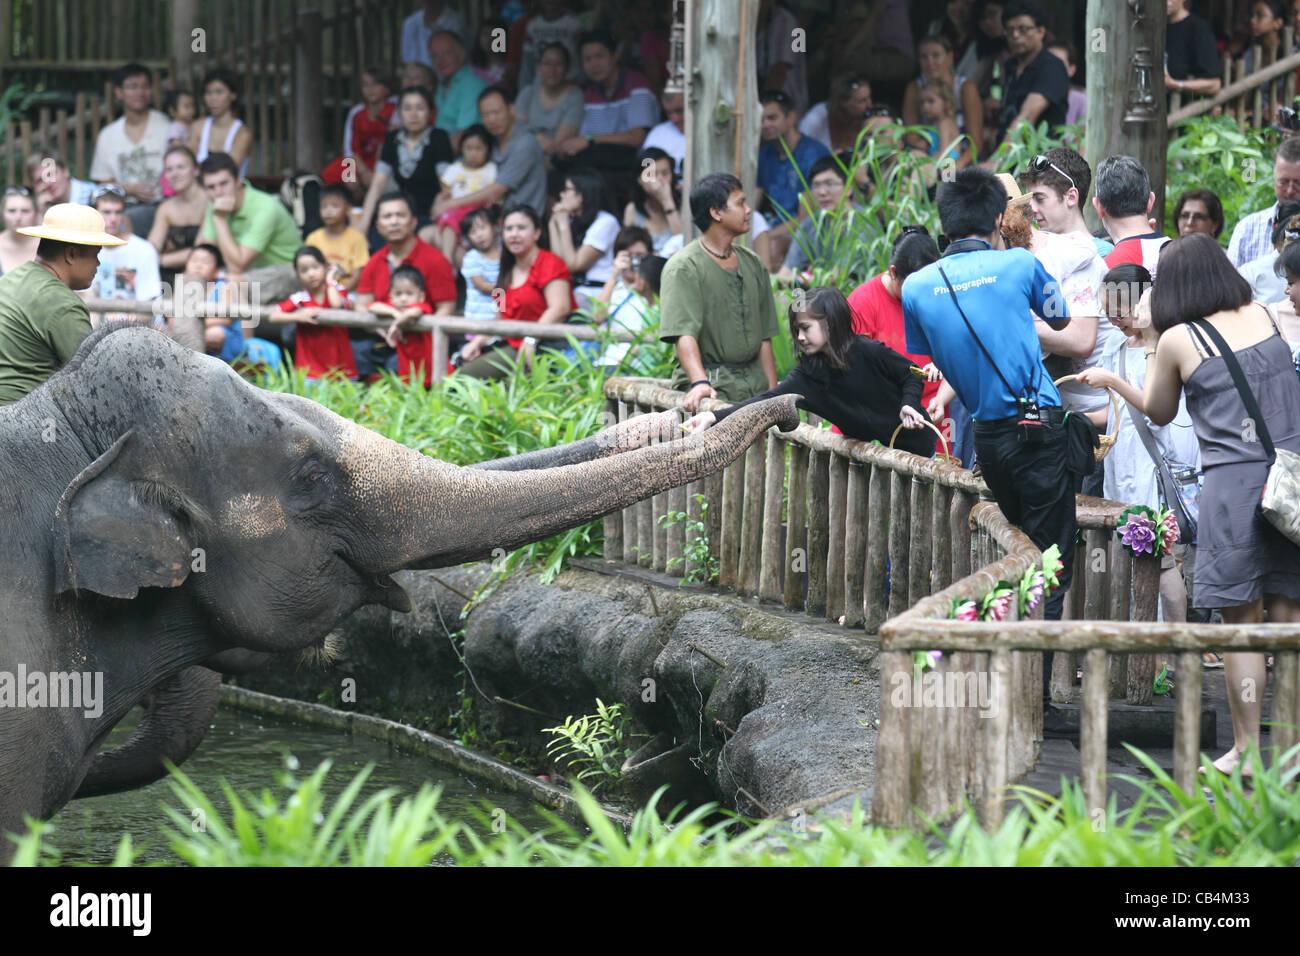 Girl Feeding Elephants A Banana At The Singapore Zoo Stock Photo